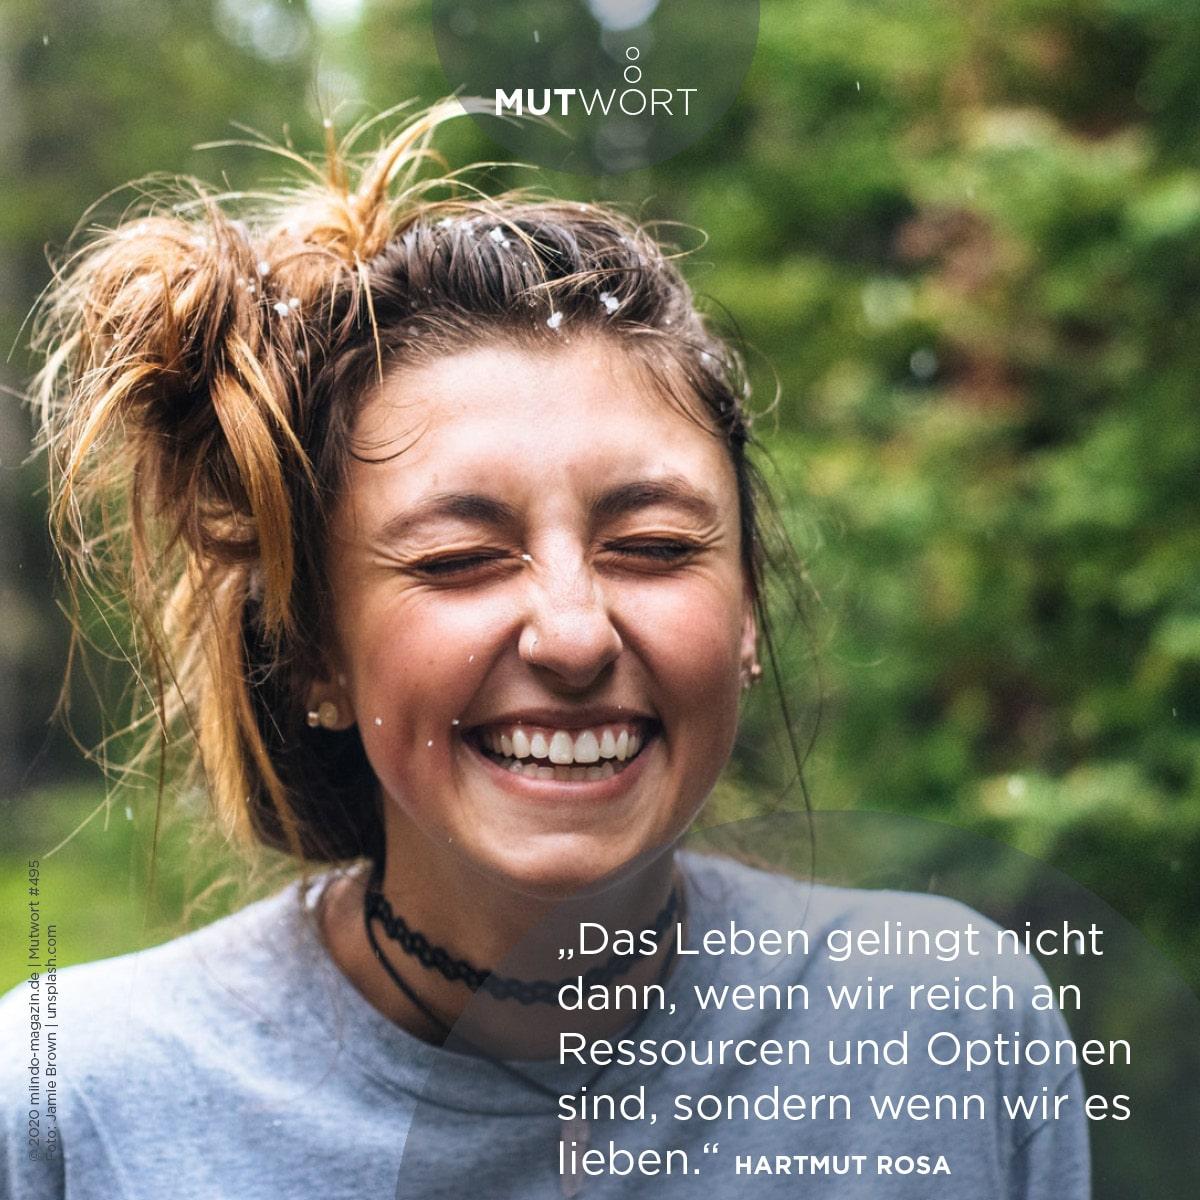 """""""Das Leben gelingt nicht dann, wenn wir reich an Ressourcen und Optionen sind, sondern wenn wir es lieben."""" - Hartmut Rosa"""